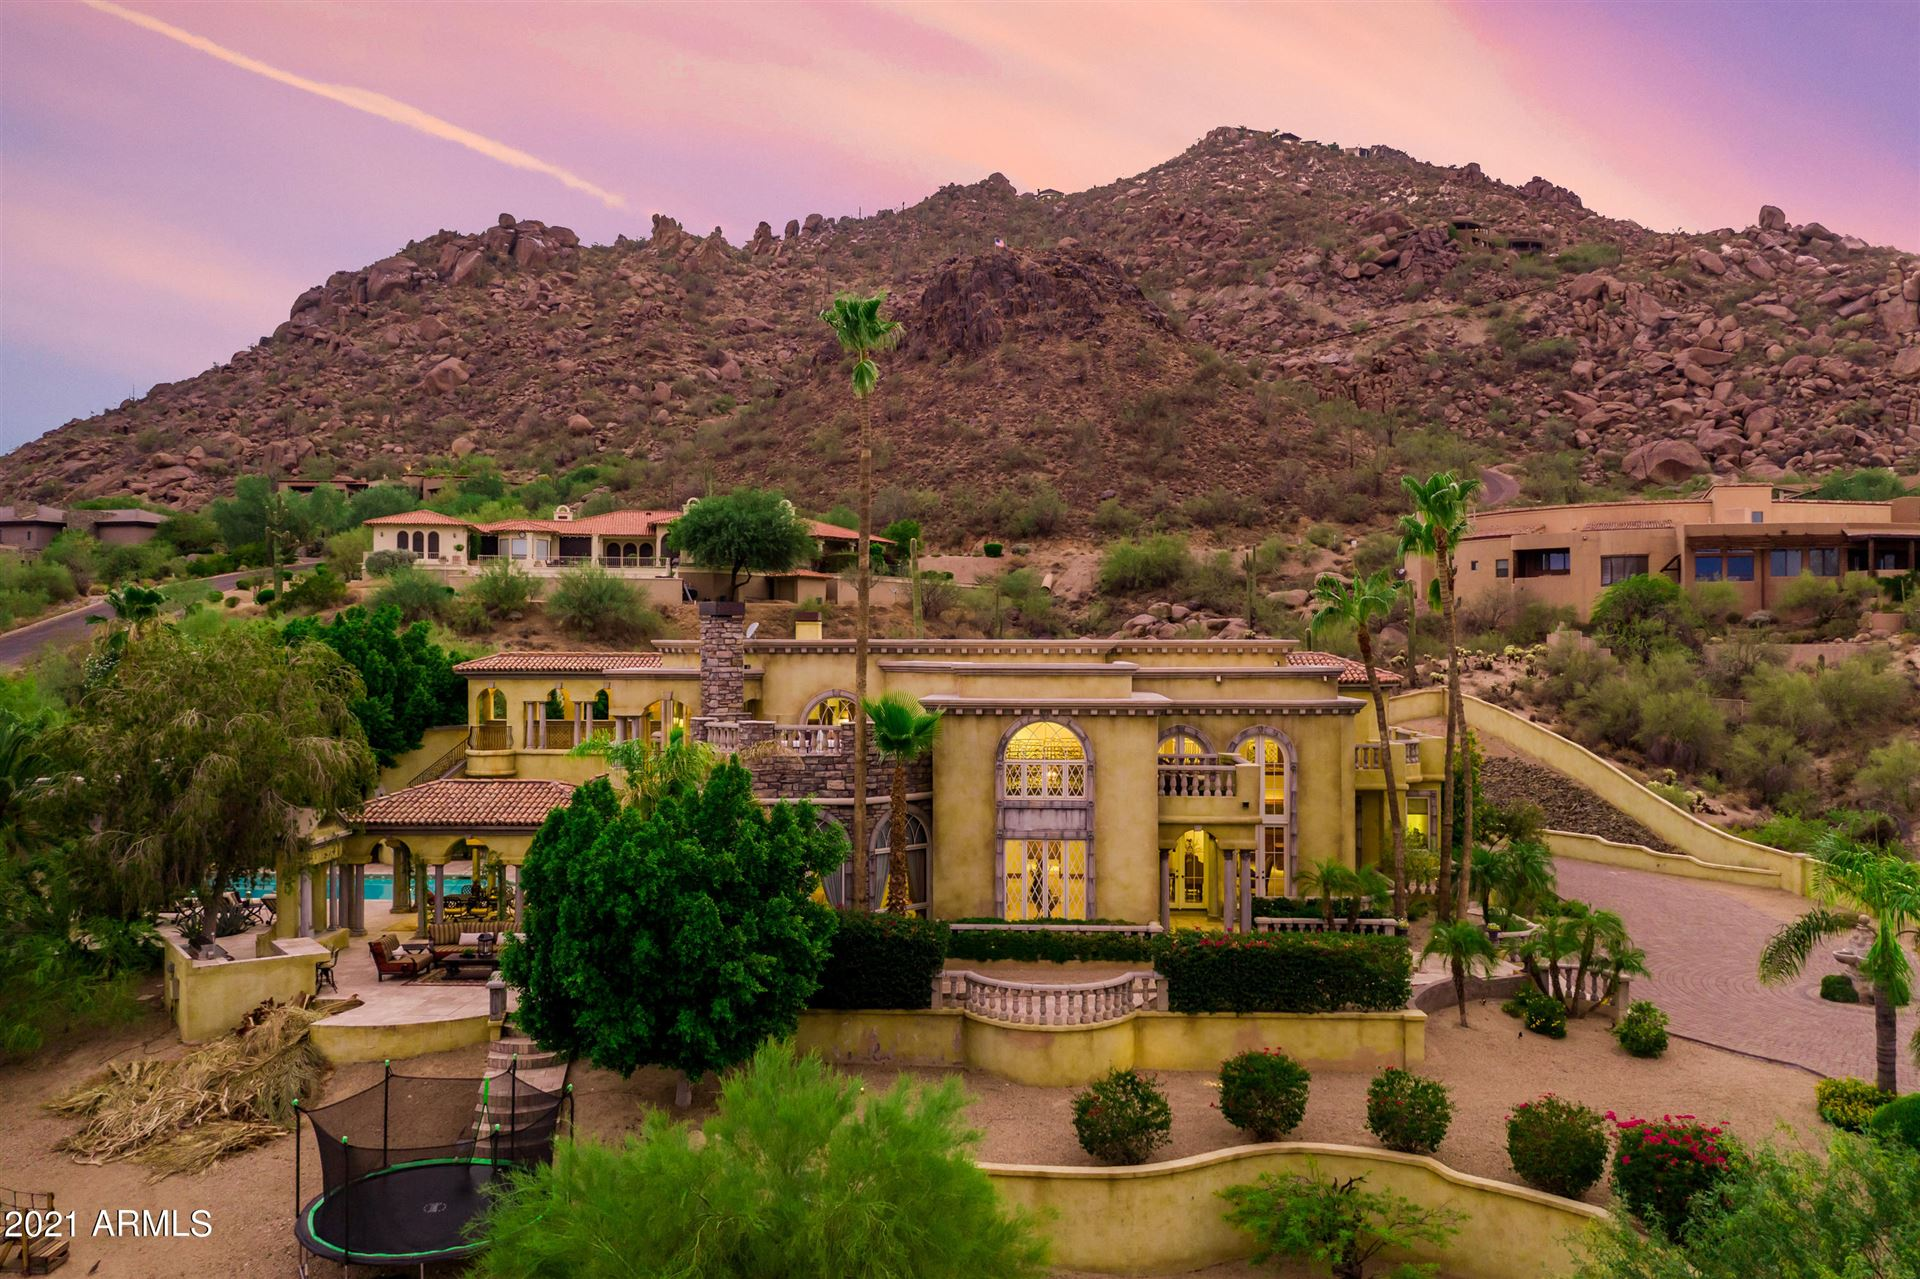 Photo of 35802 N MEANDER Way, Carefree, AZ 85377 (MLS # 6253237)